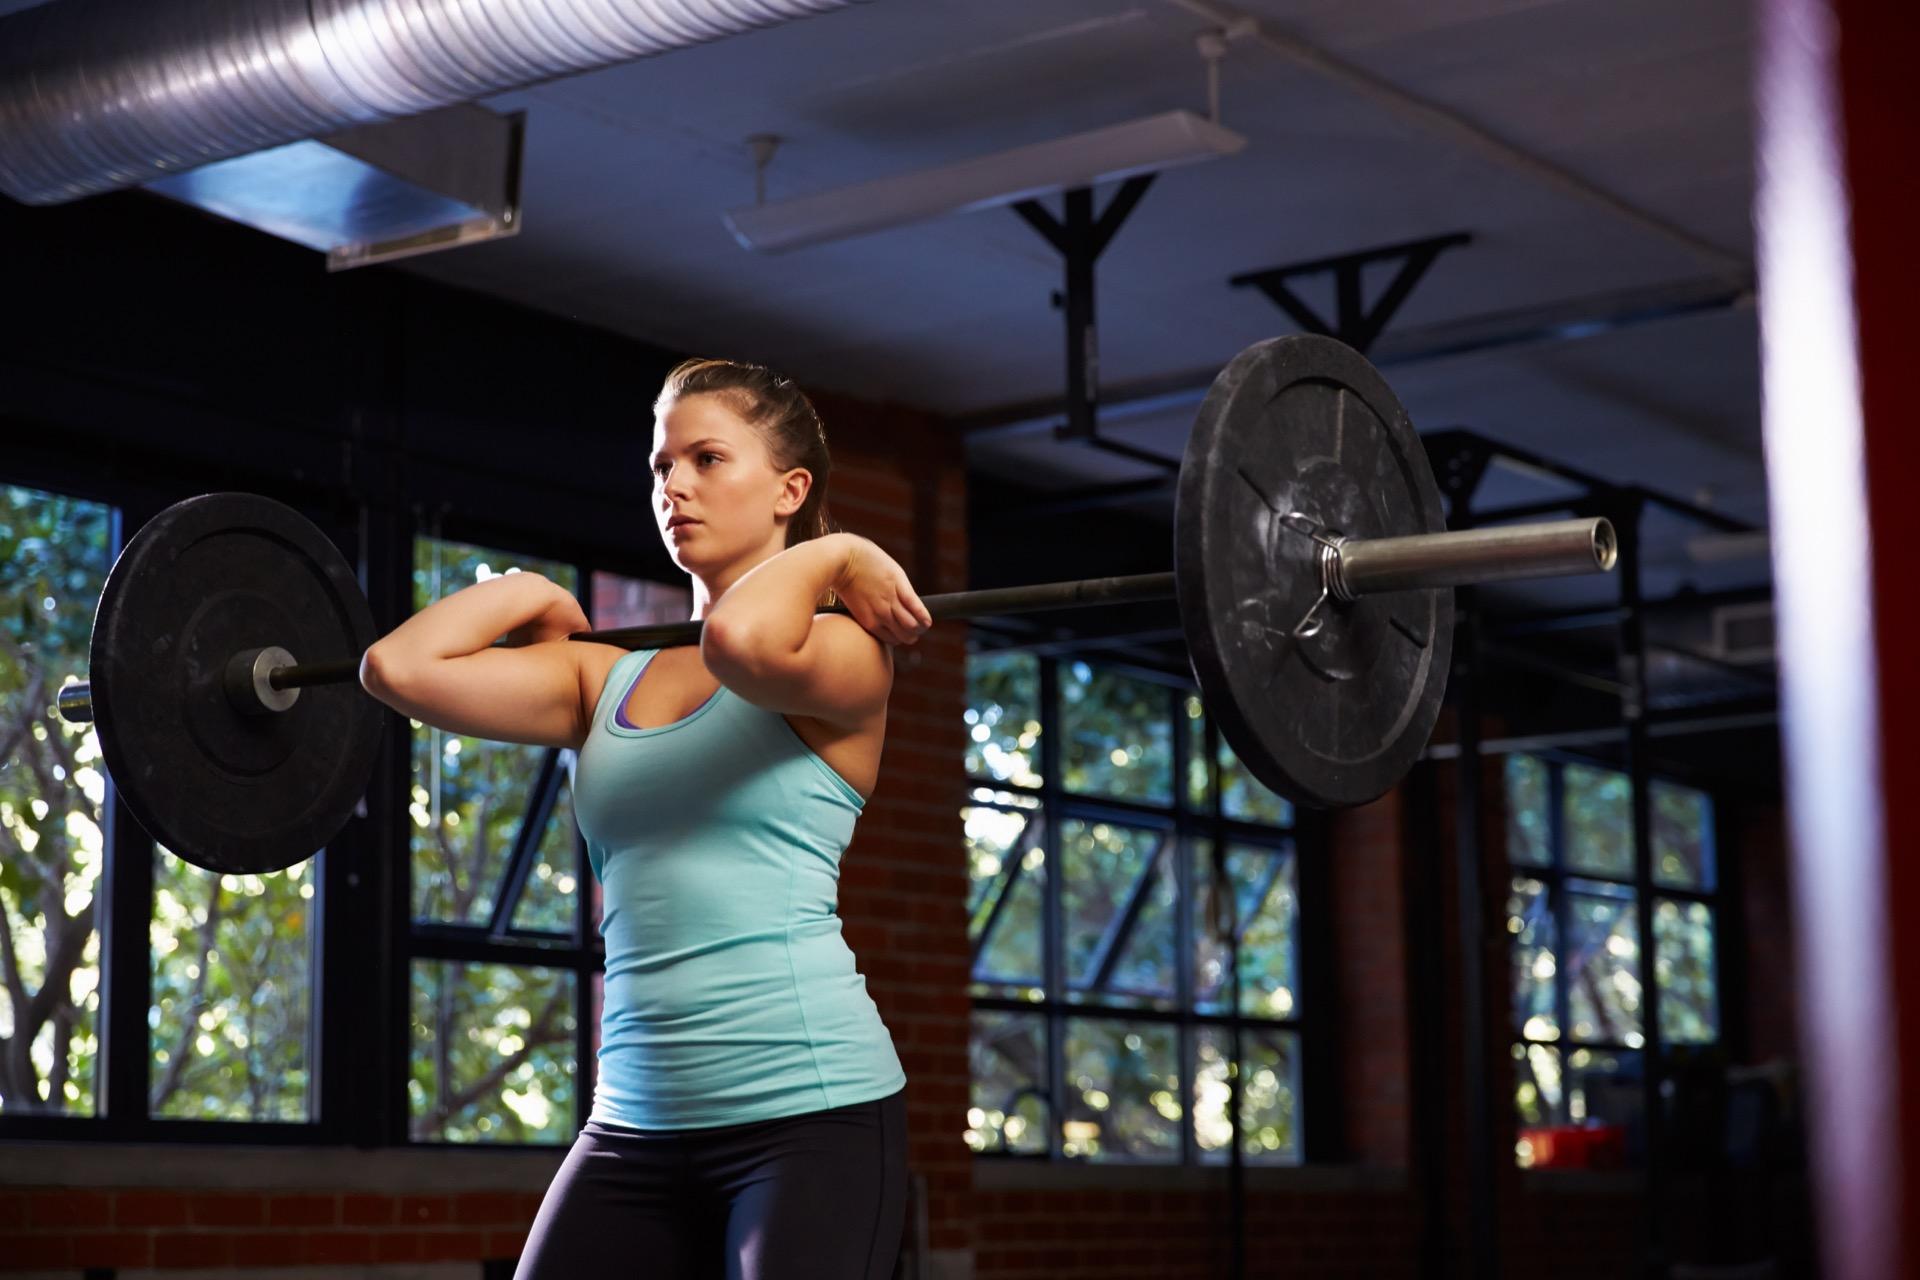 høyfrekvent trening